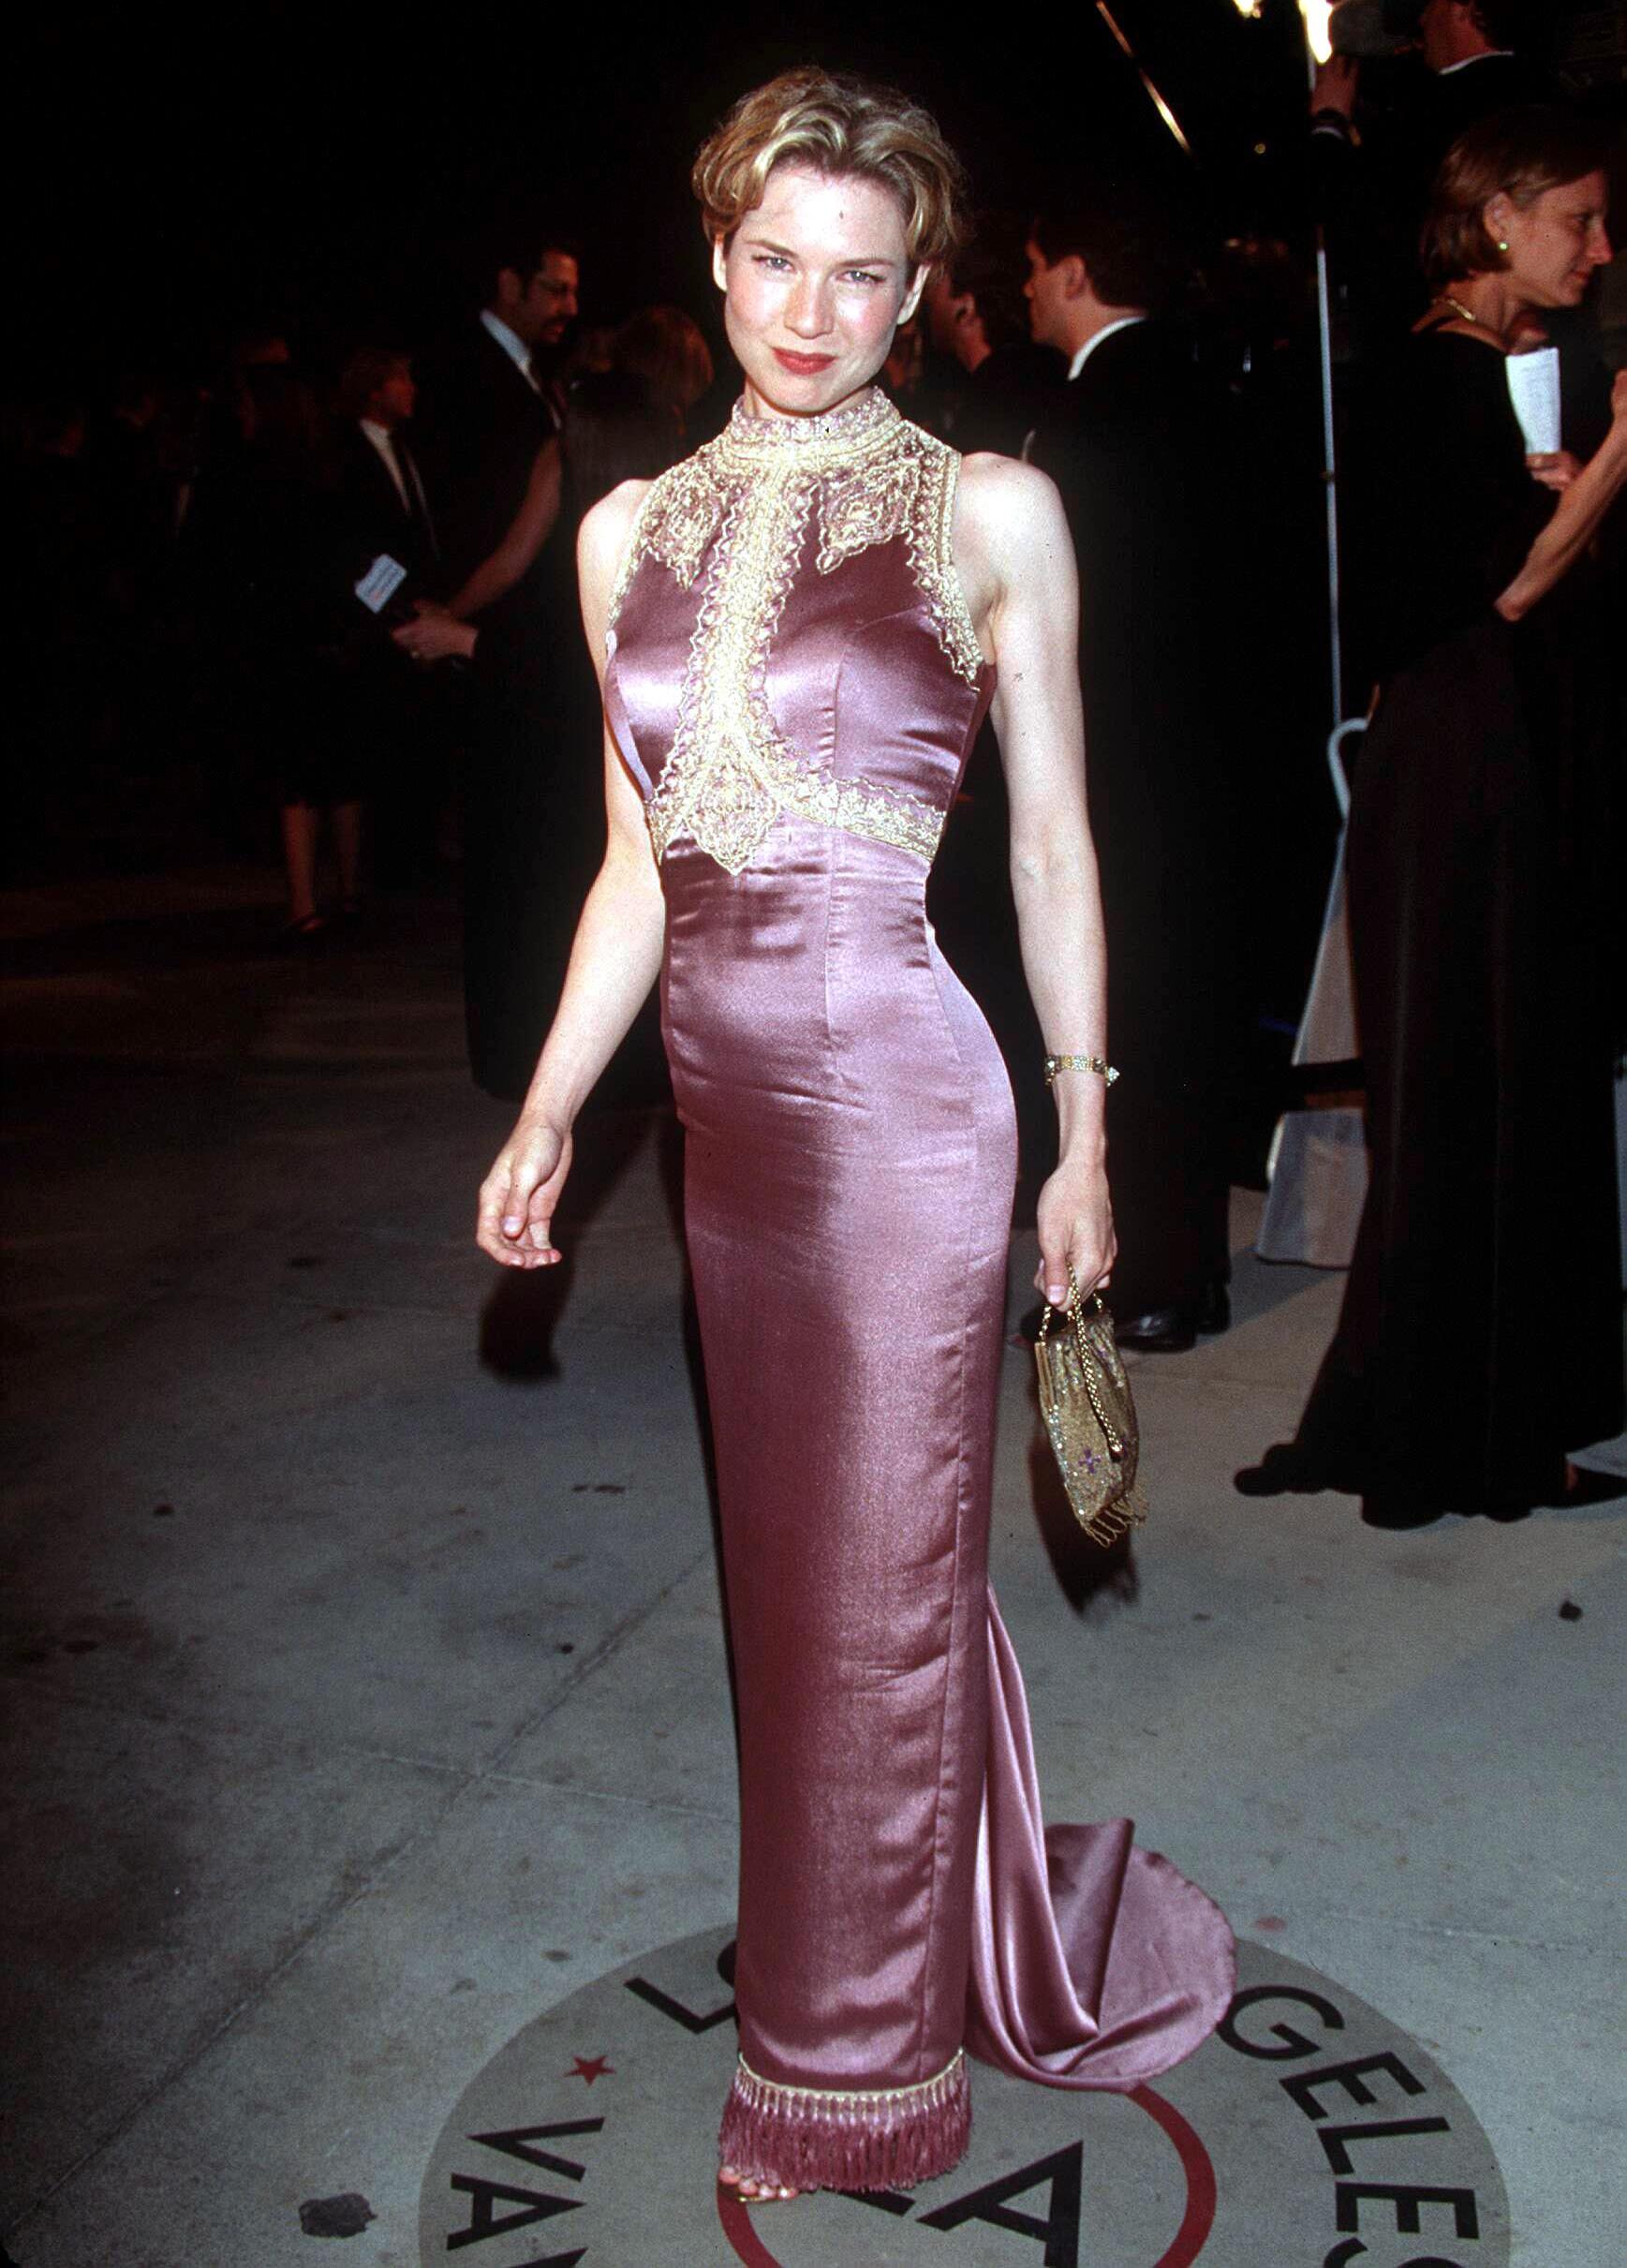 Renée Zellweger en la edición 71ª de los premios de la Academia de Hollywood en 1999. Esta noche compite por su segundo Oscar por su papel en